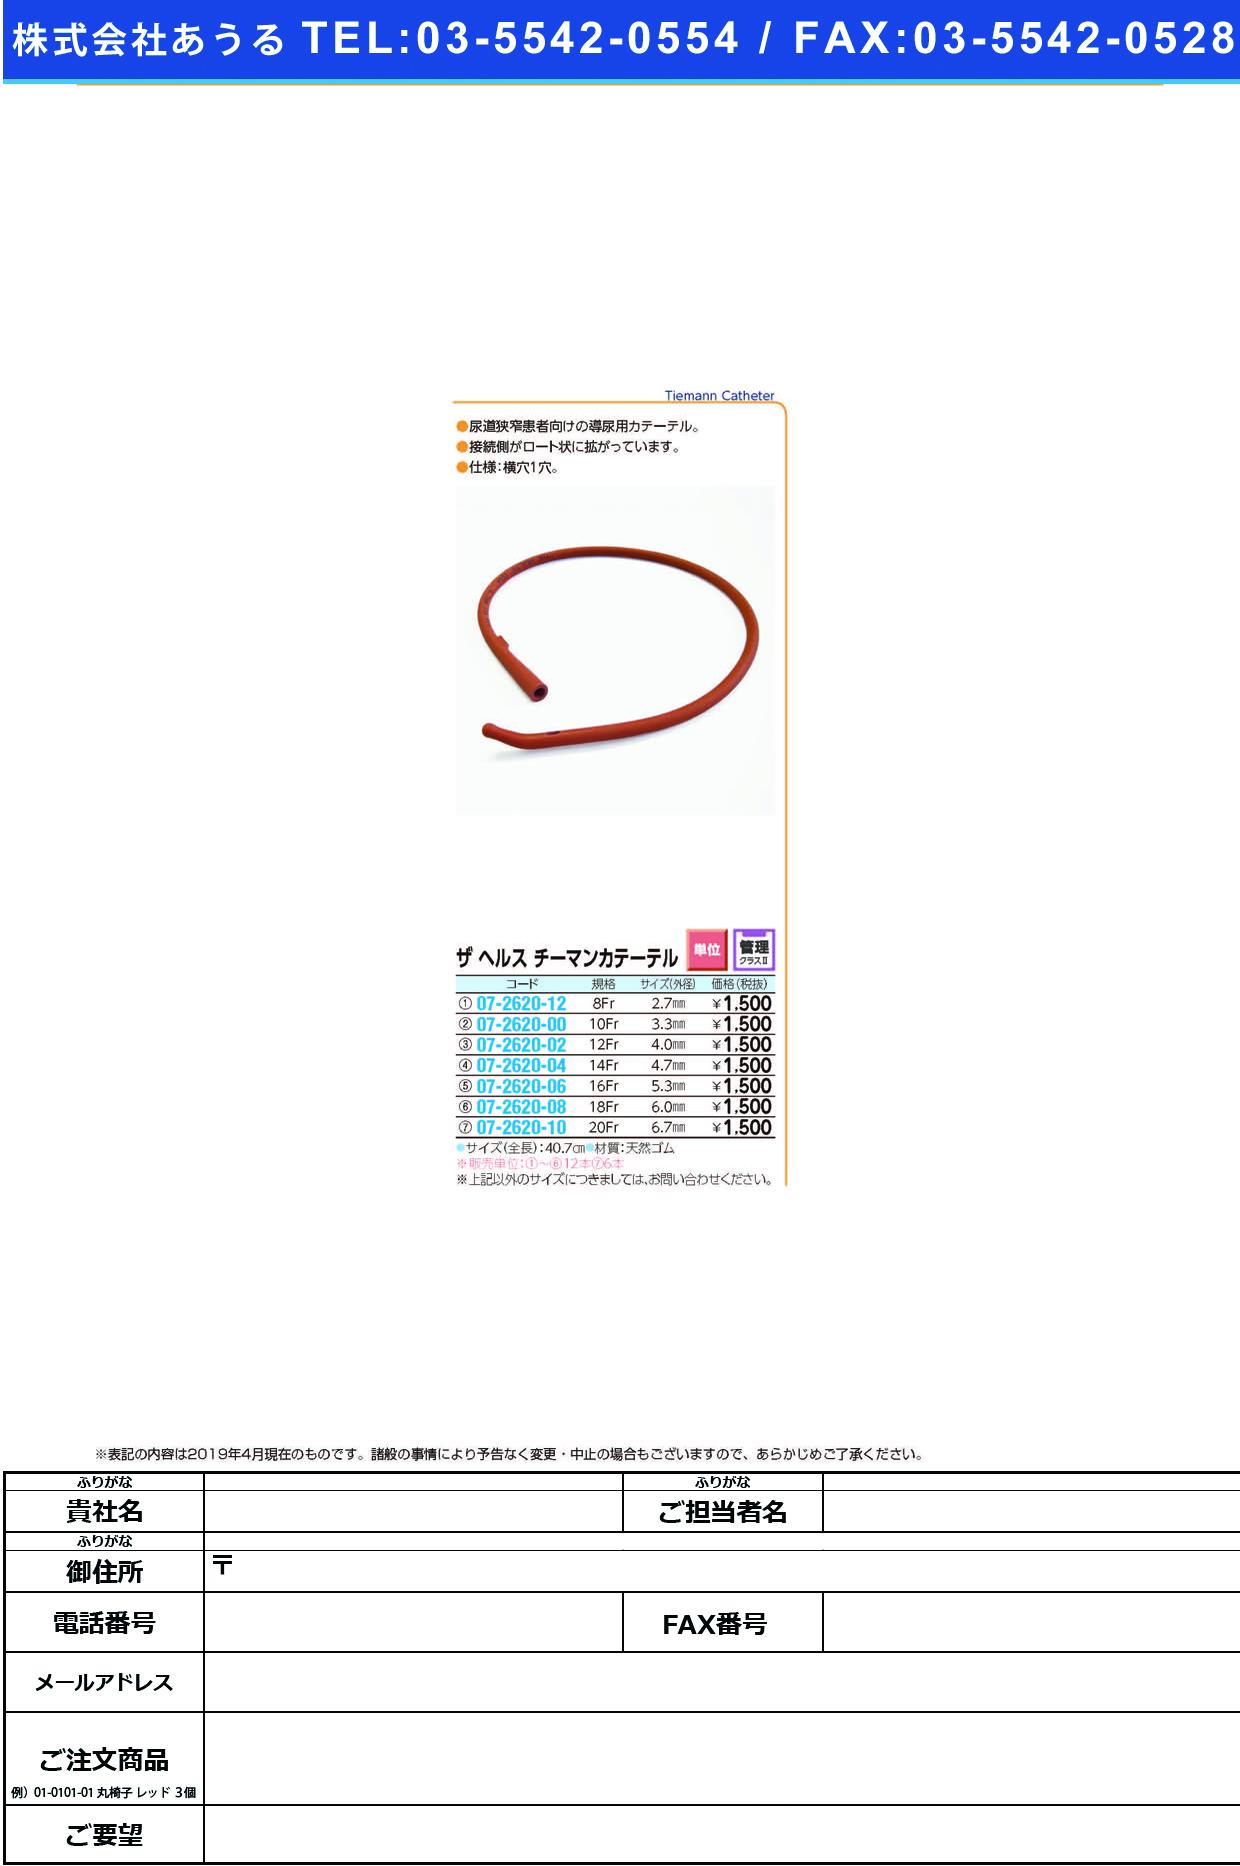 (07-2620-04)チーマンカテーテル 14FR チーマンカテーテル(イズモヘルス)【12本単位】【2019年カタログ商品】